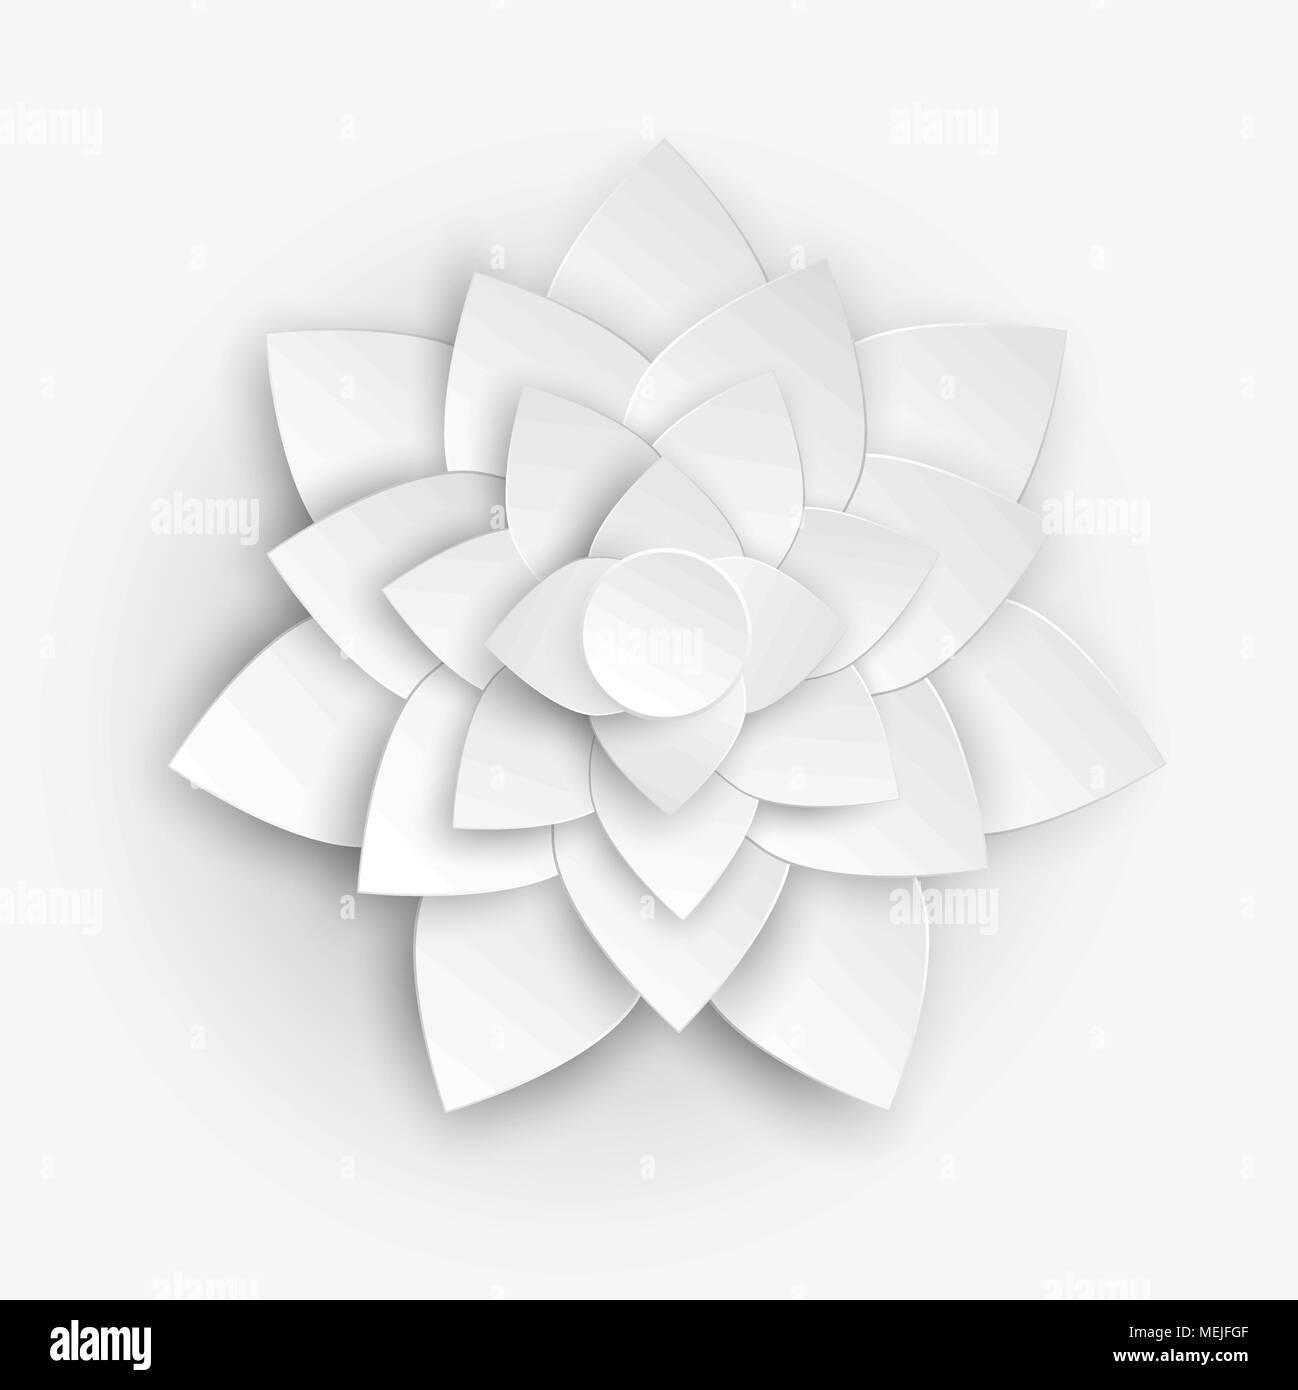 Fiori 3d Carta.Fiore Di Carta 3d Fiore Fiore Di Carta Pastello Tavolozza